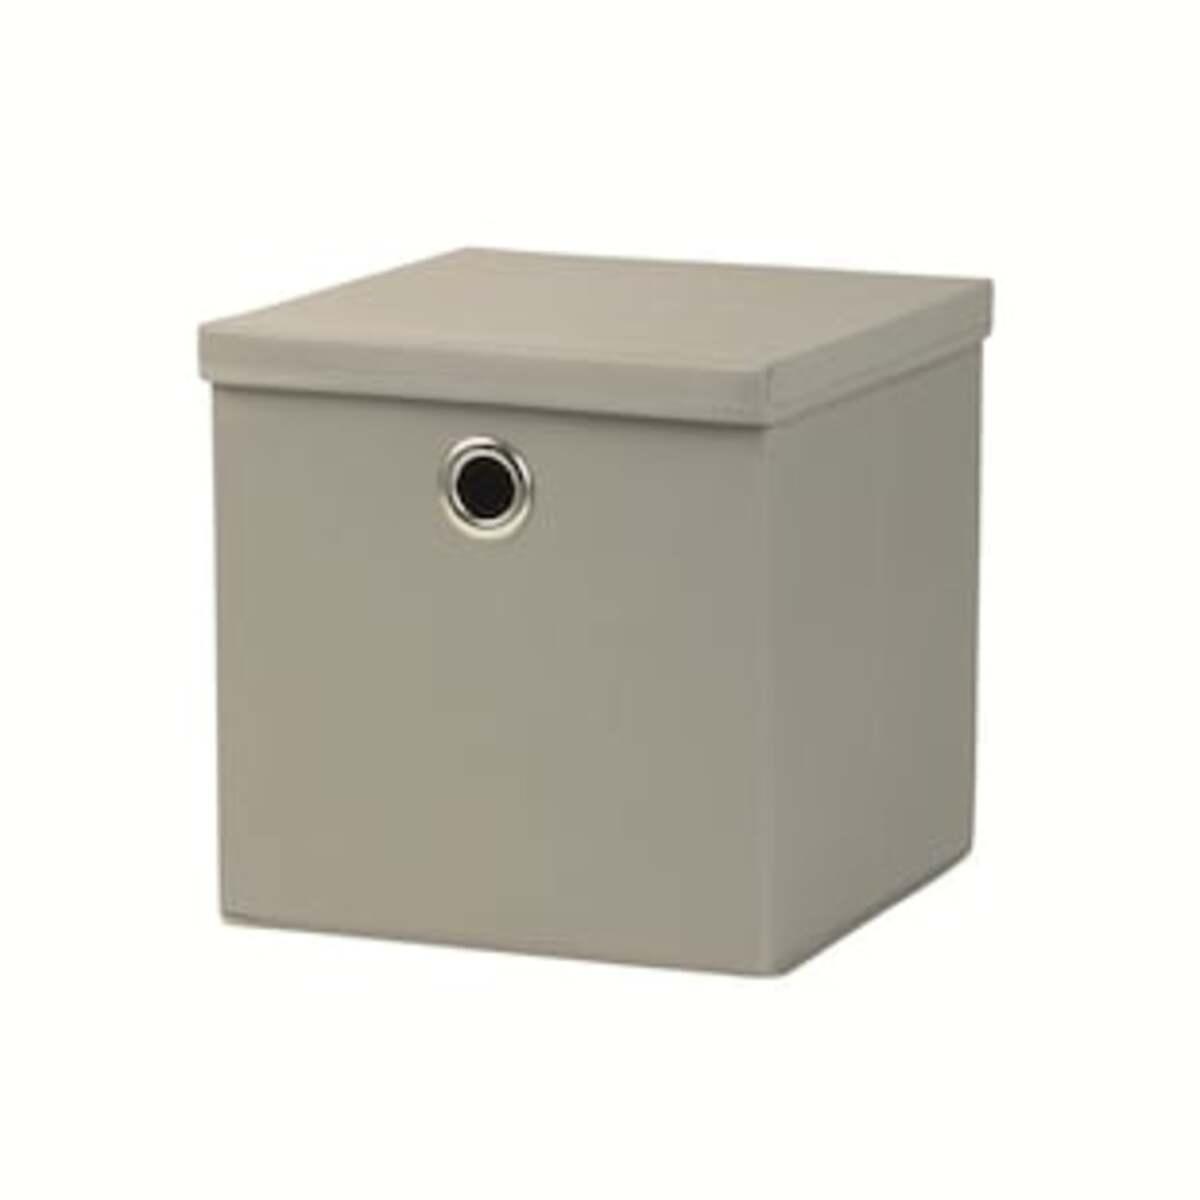 Bild 2 von Dekor Aufbewahrungsbox - versch. Farben - grau